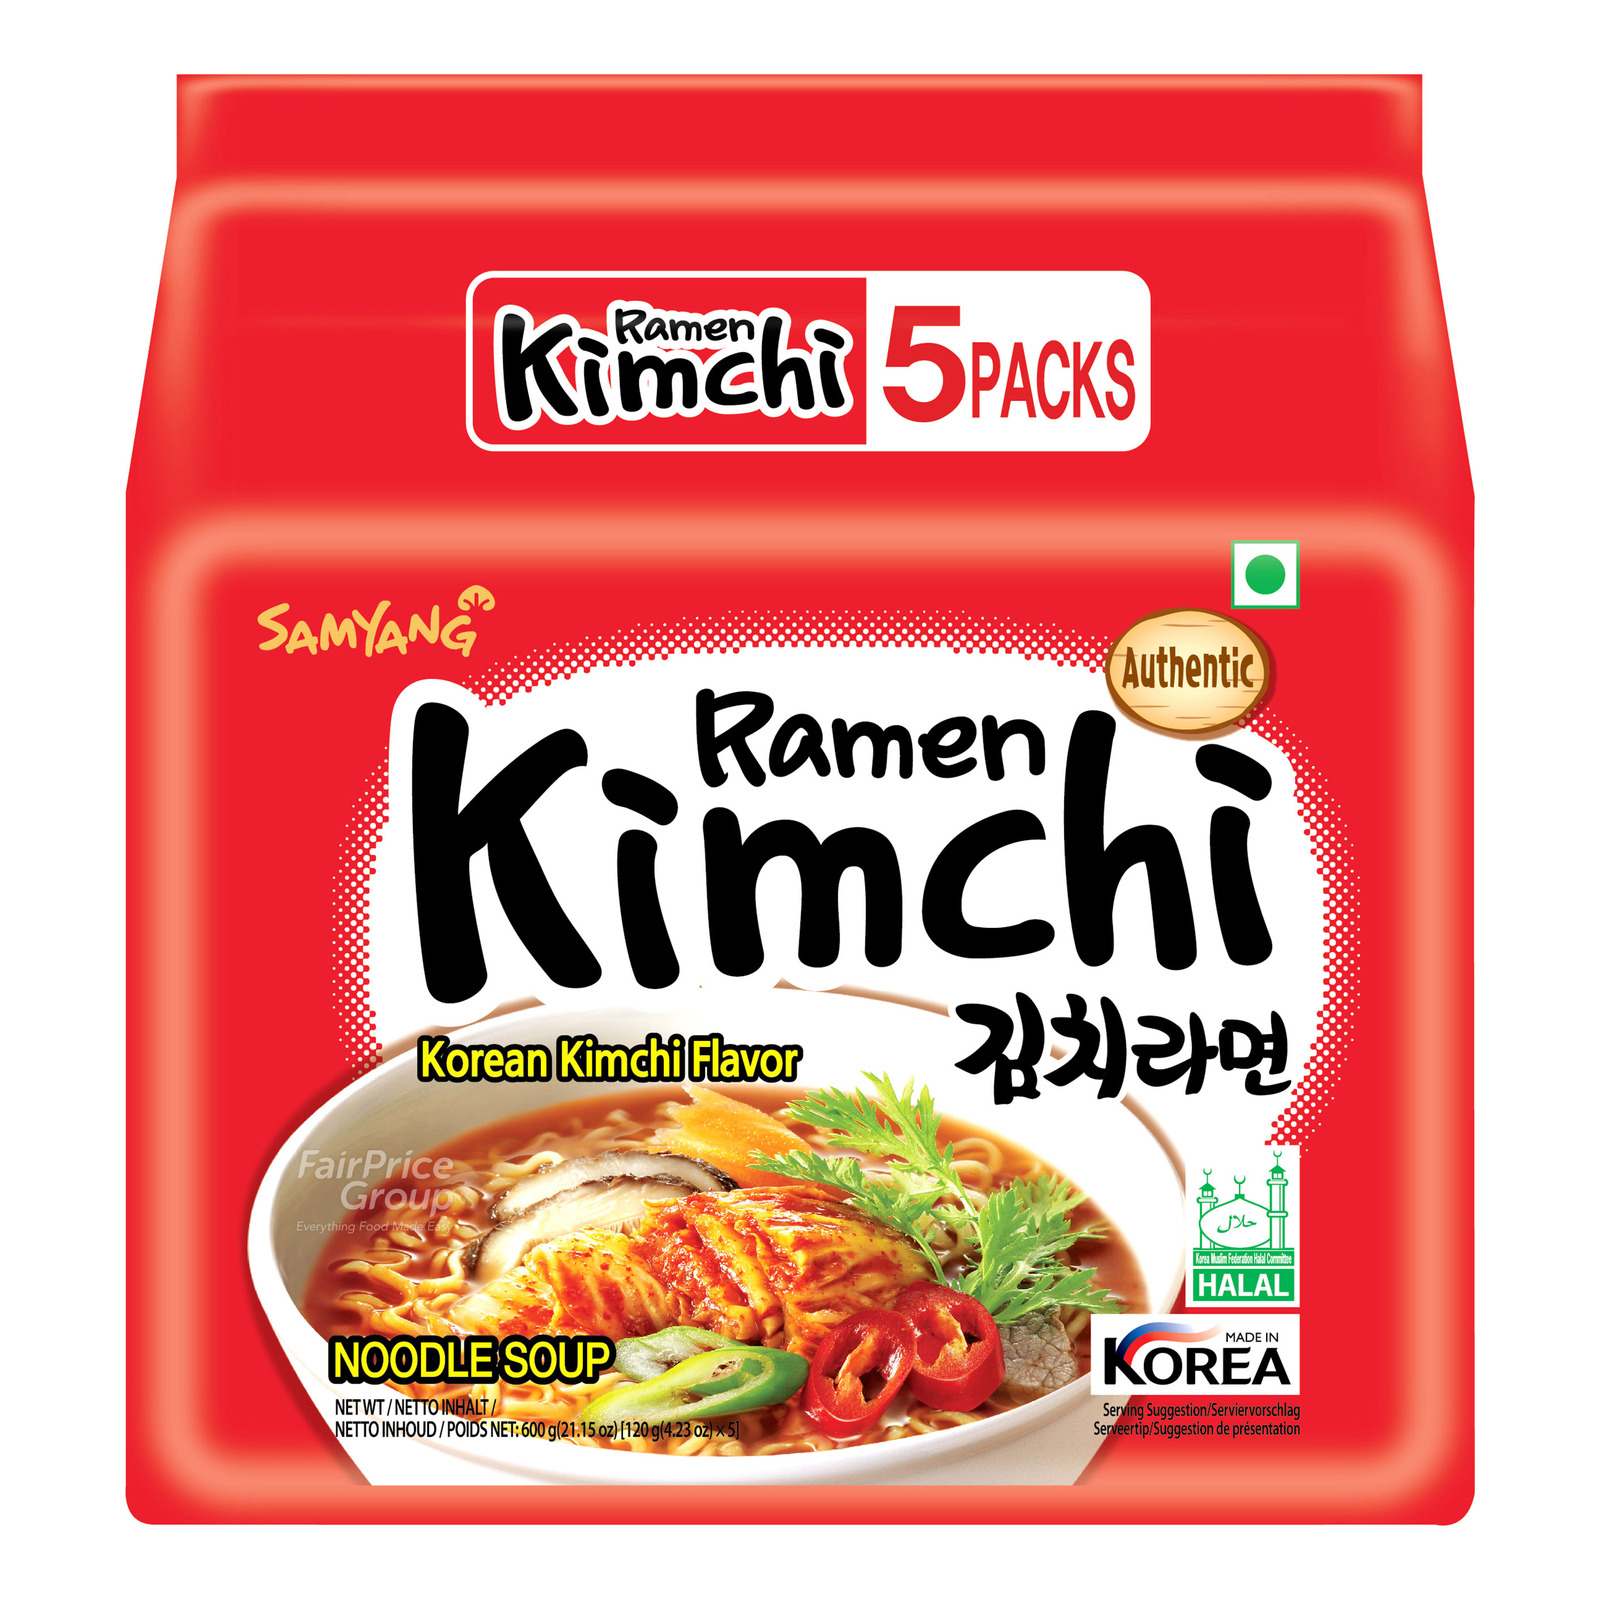 Samyang Korean Instant Noodle - Korean Kimchi